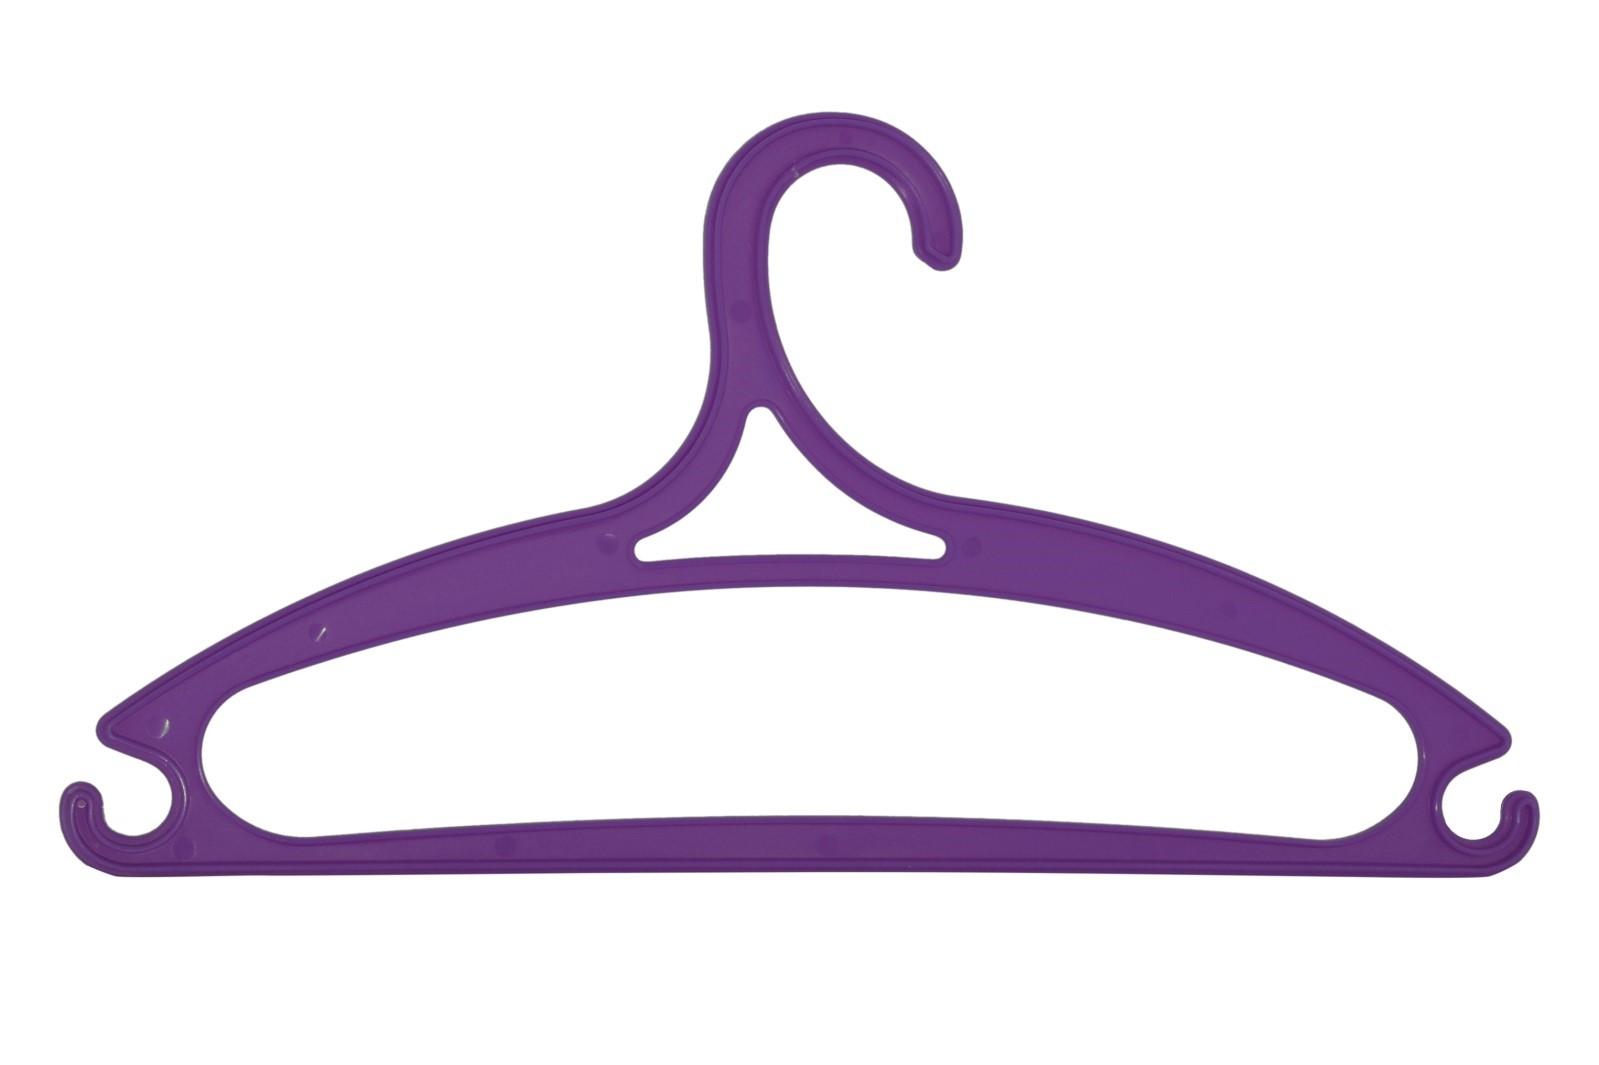 Súprava plastových ramienok 5 ks fialová